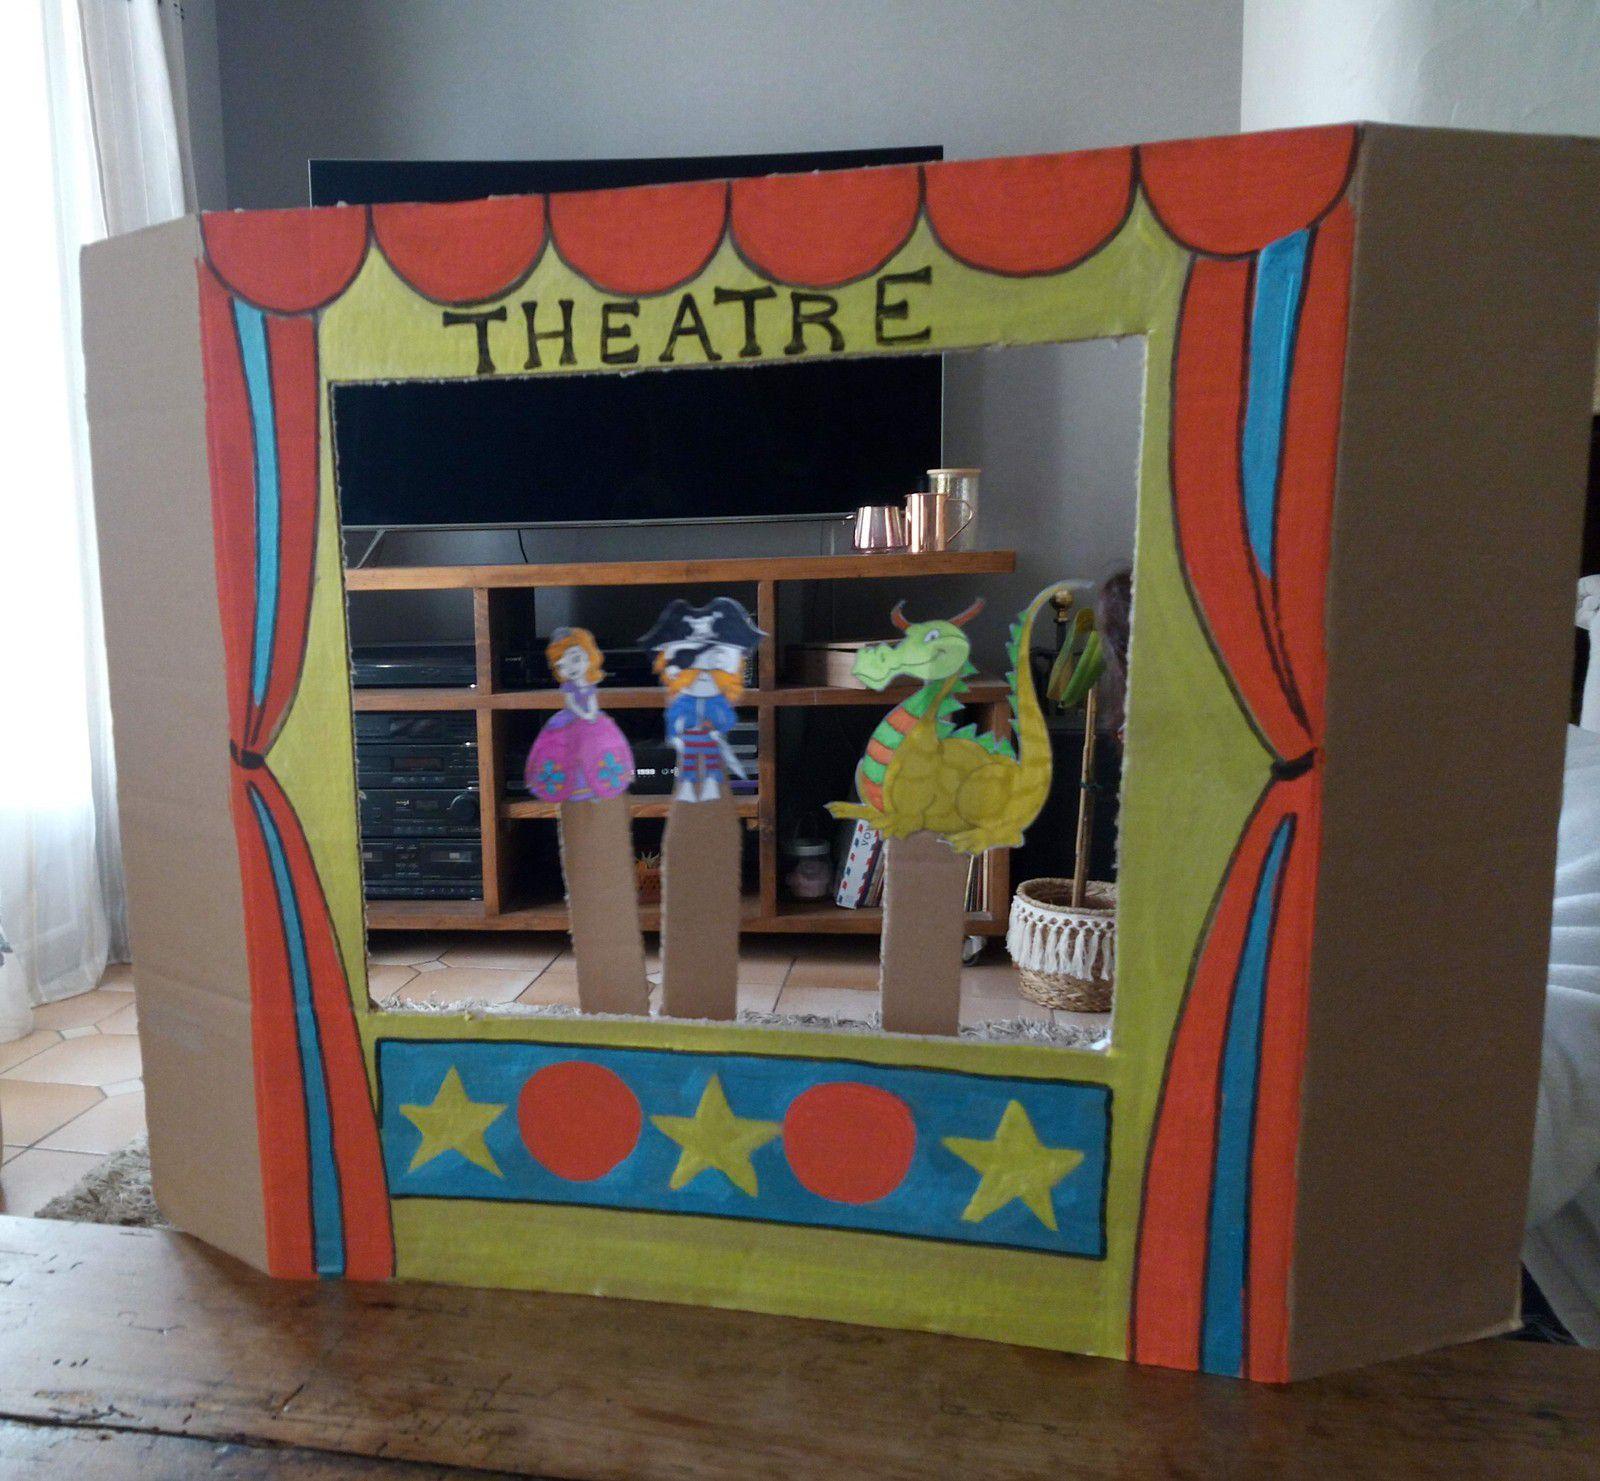 bricolage théâtre de marionnettes